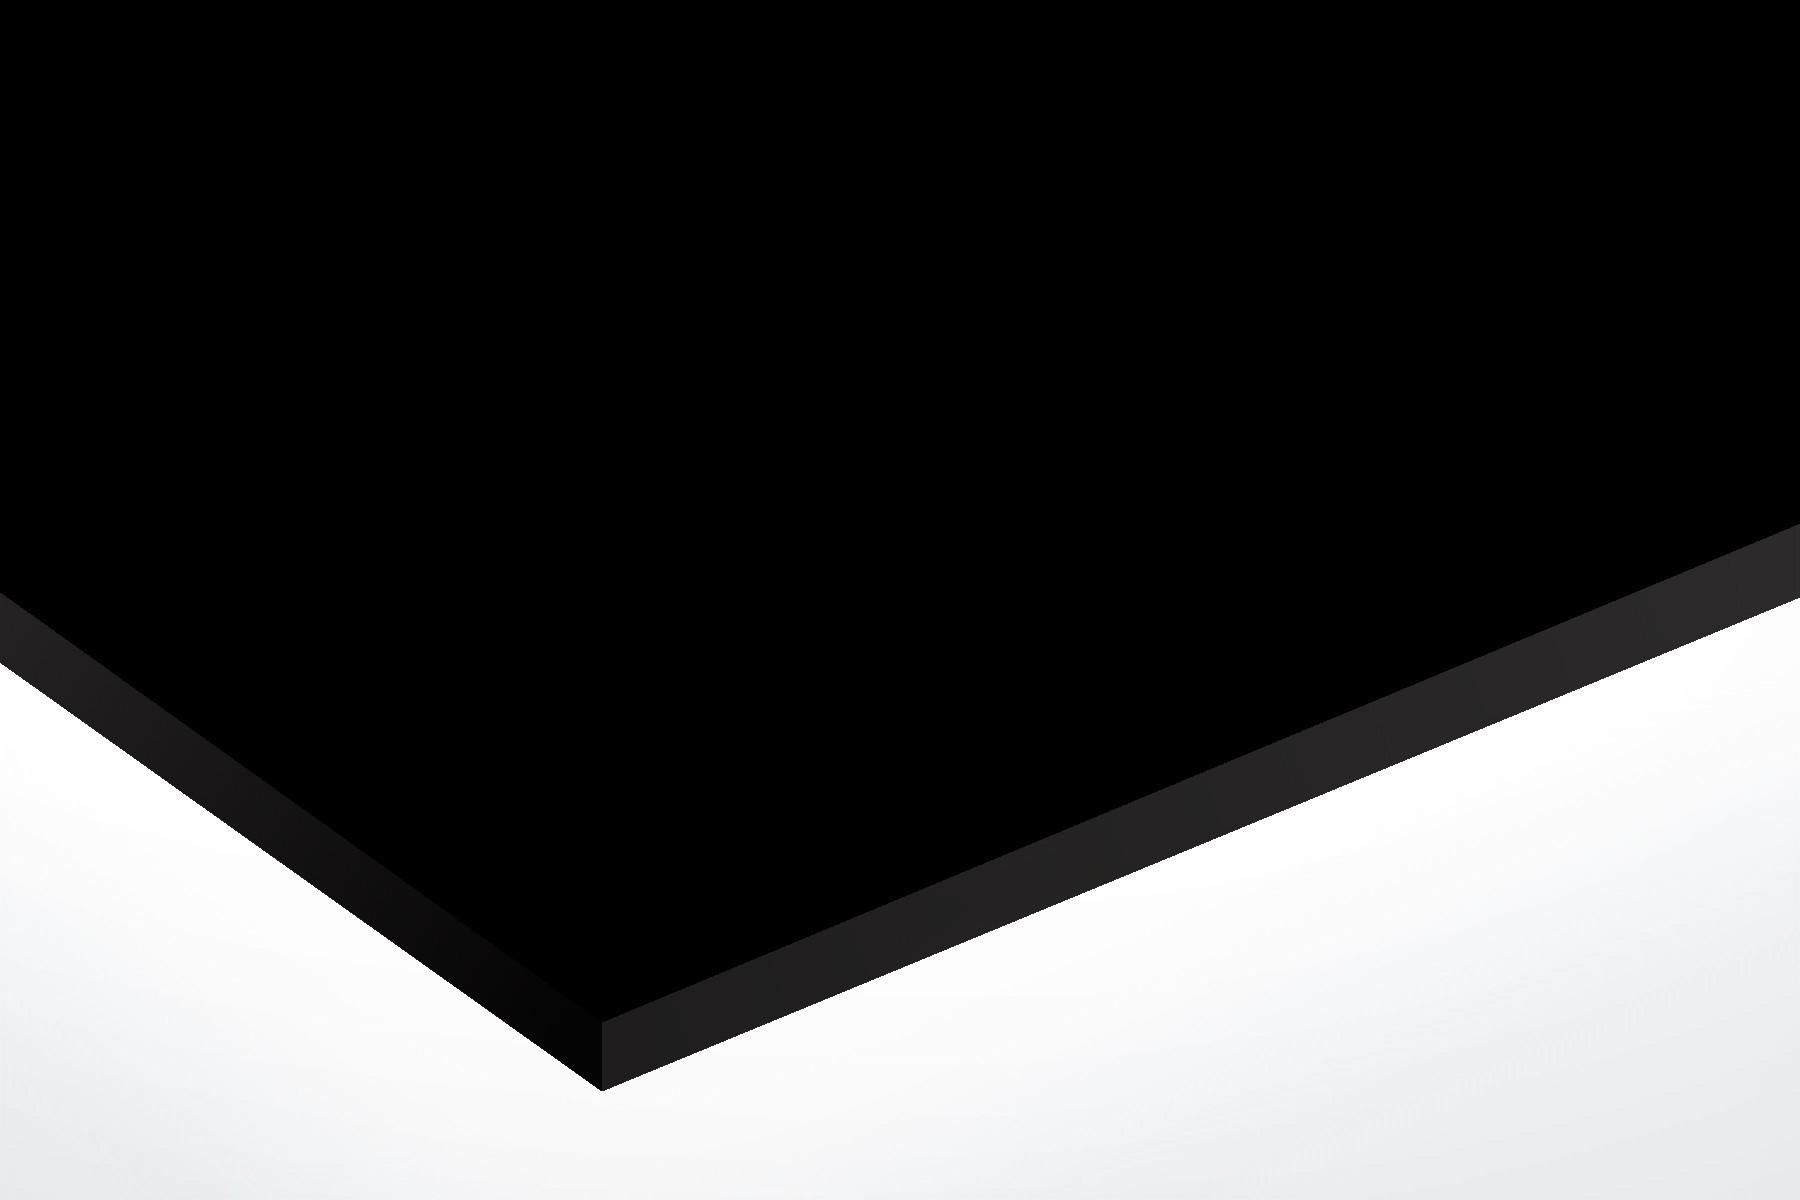 301/05/2097 Alu mat Noir 0,5mm